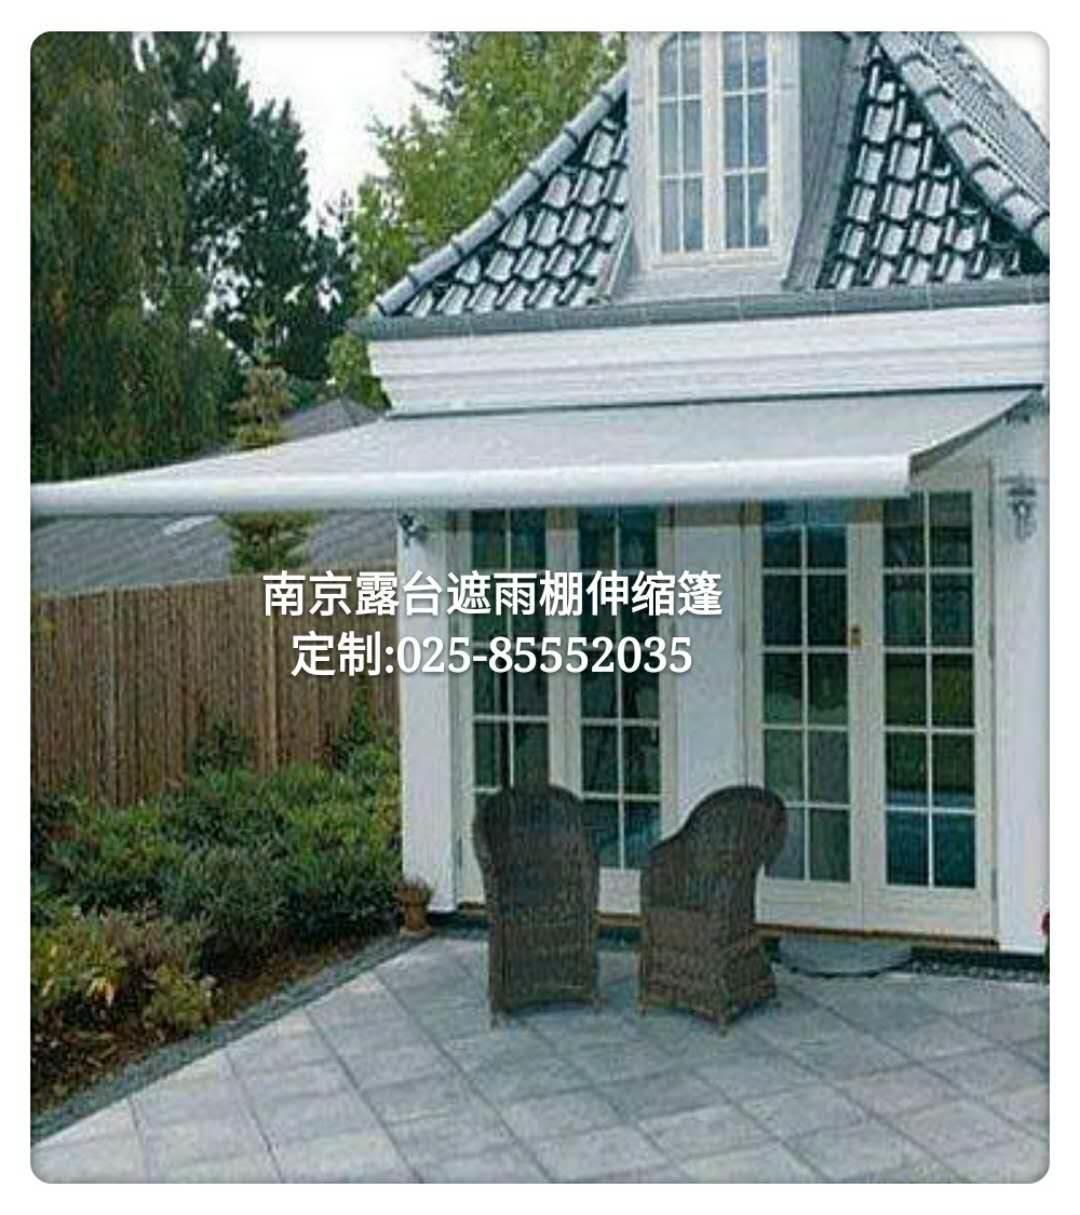 南京挡雨棚庭院雨搭阳台遮阳蓬阳台伸缩折叠家庭窗户遮阳蓬